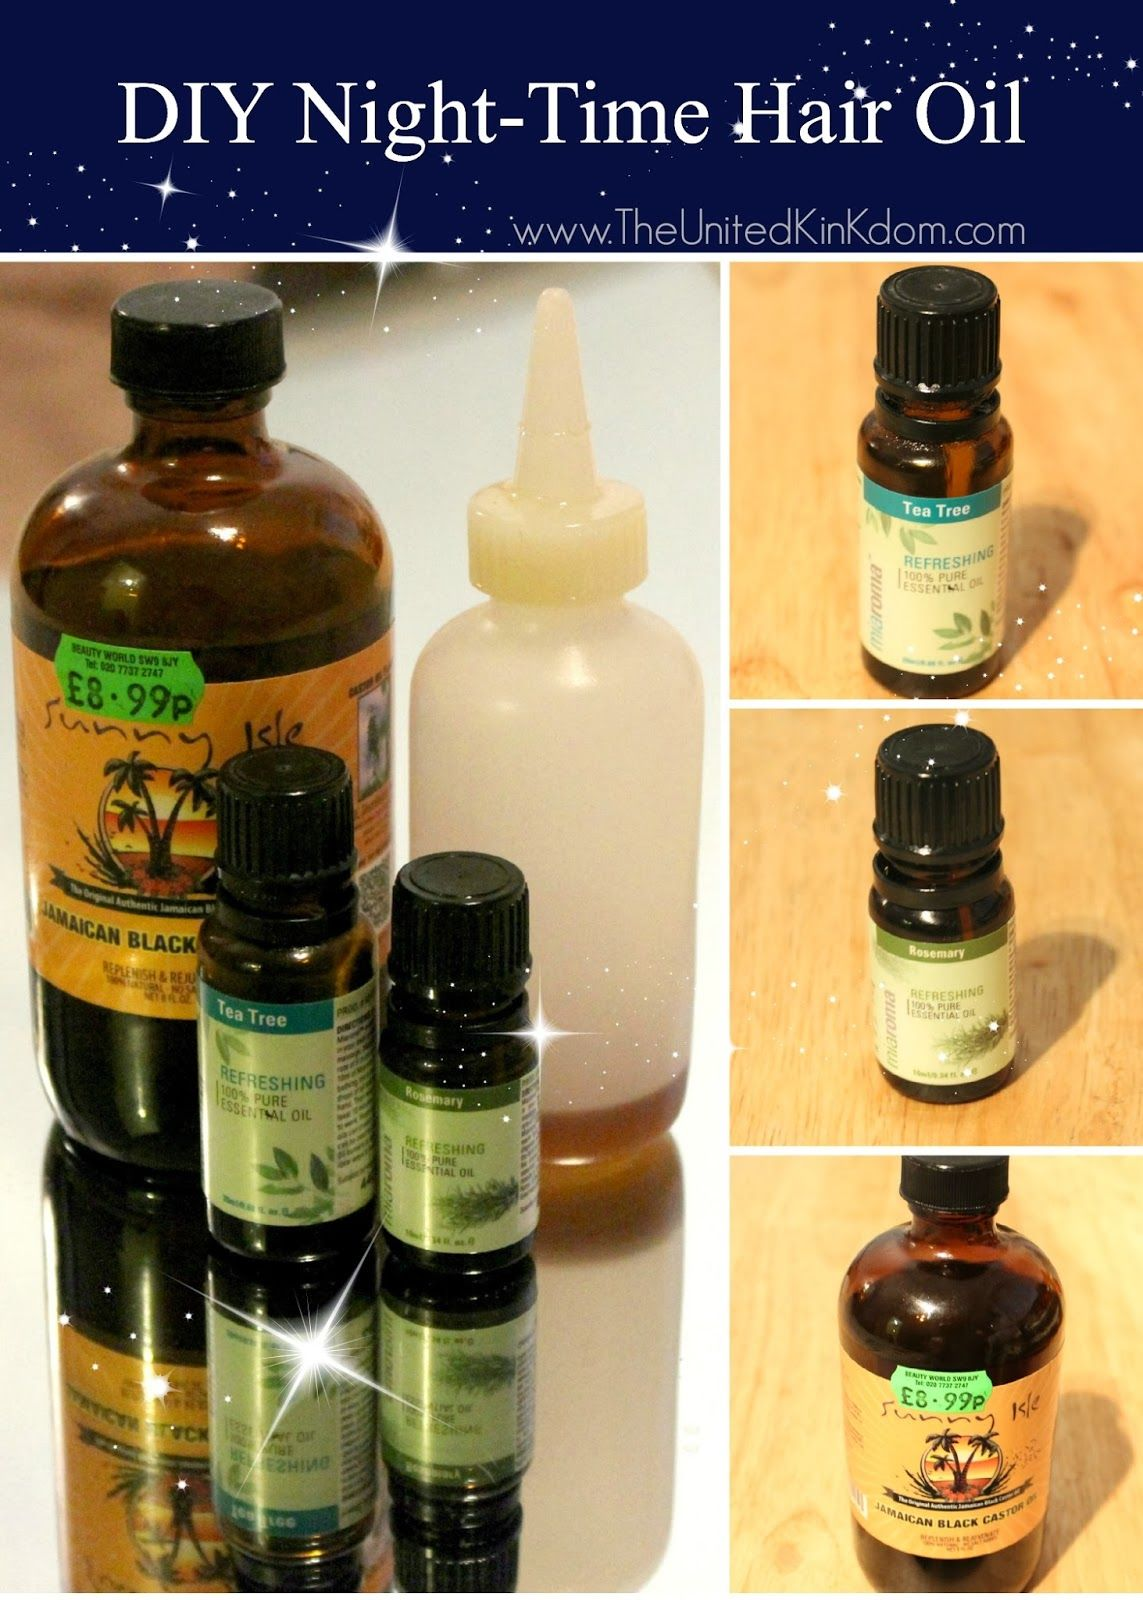 MY DIY NIGHTTIME HAIR OIL (The UNITED KinKdom) Hair oil